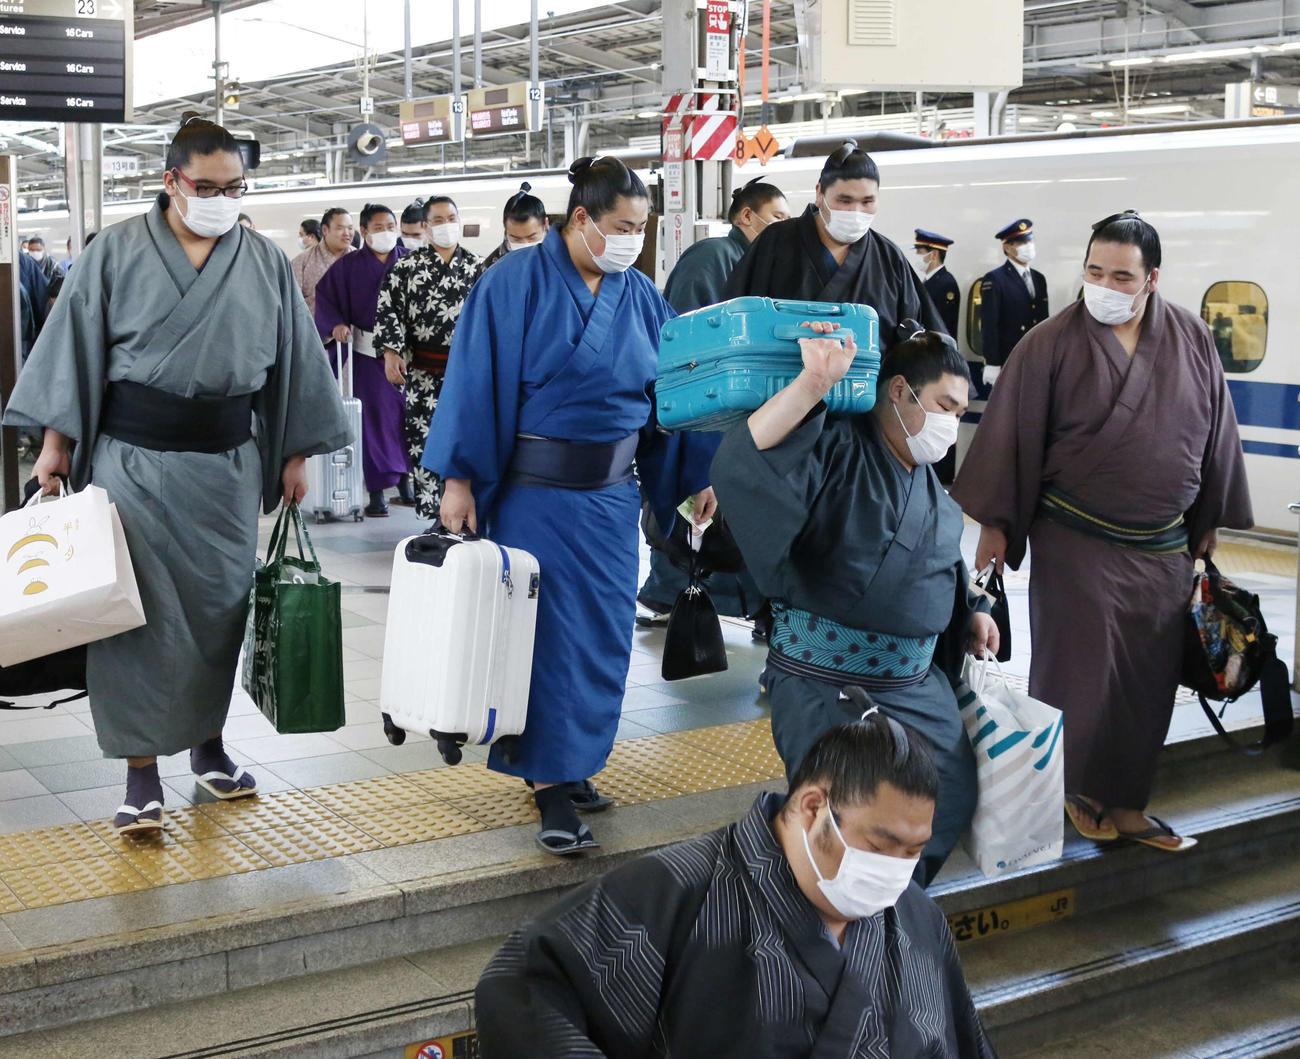 大相撲春場所に向けて新幹線で大阪入りした力士ら(撮影・佐藤礼征)